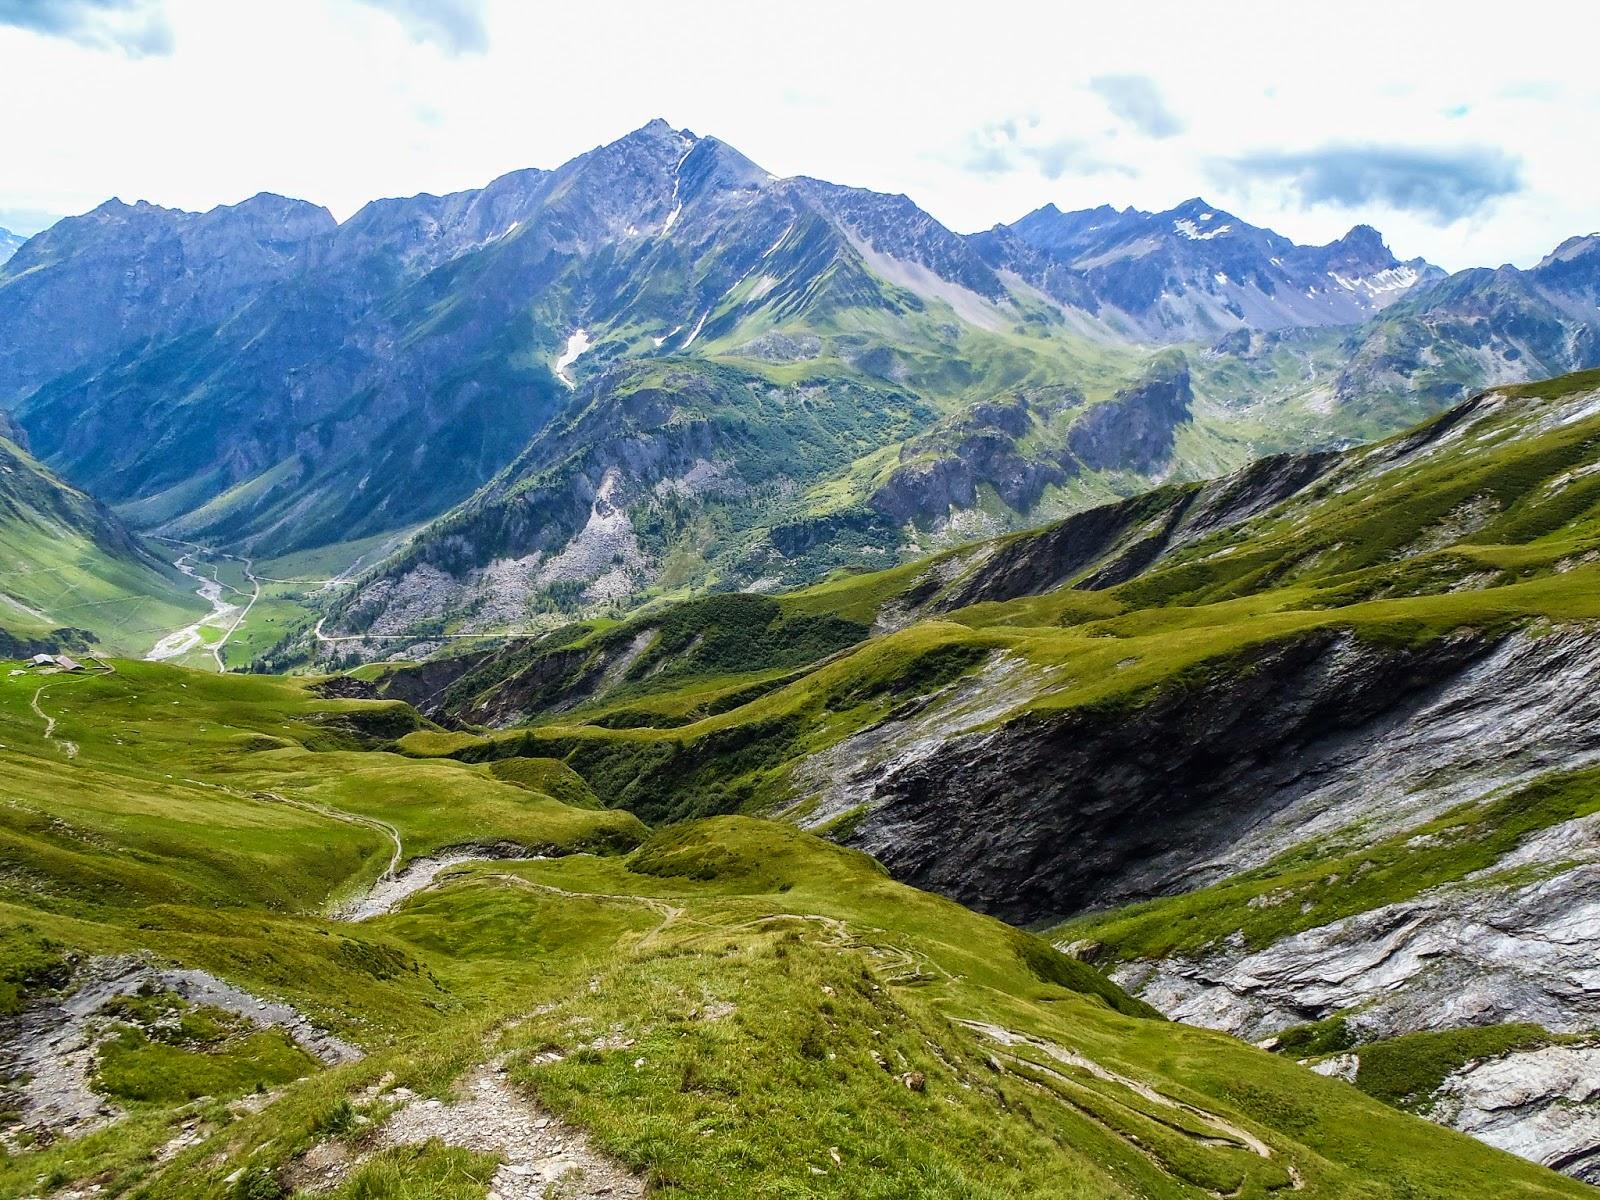 Tour-du-Mont-Blanc-view-down-from-Col-de-la-Croix-du-Bonhomme-France_edited-copy